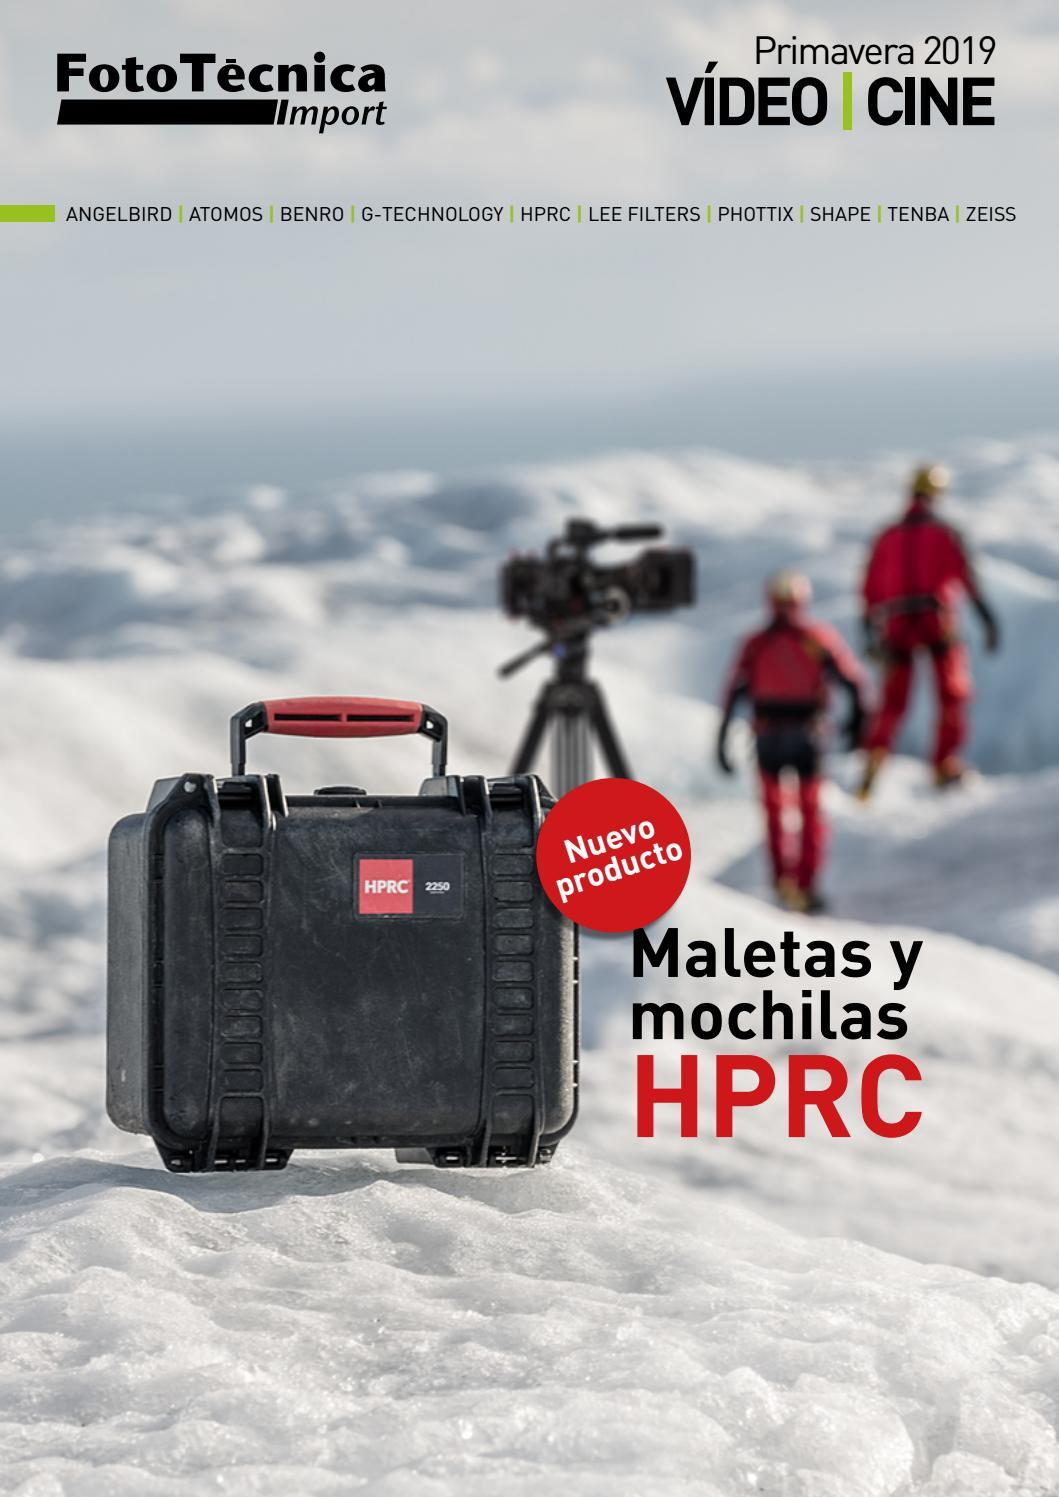 Maleta-case foam universal 1 maleta de transporte herramienta-maleta para accesorios de cámara